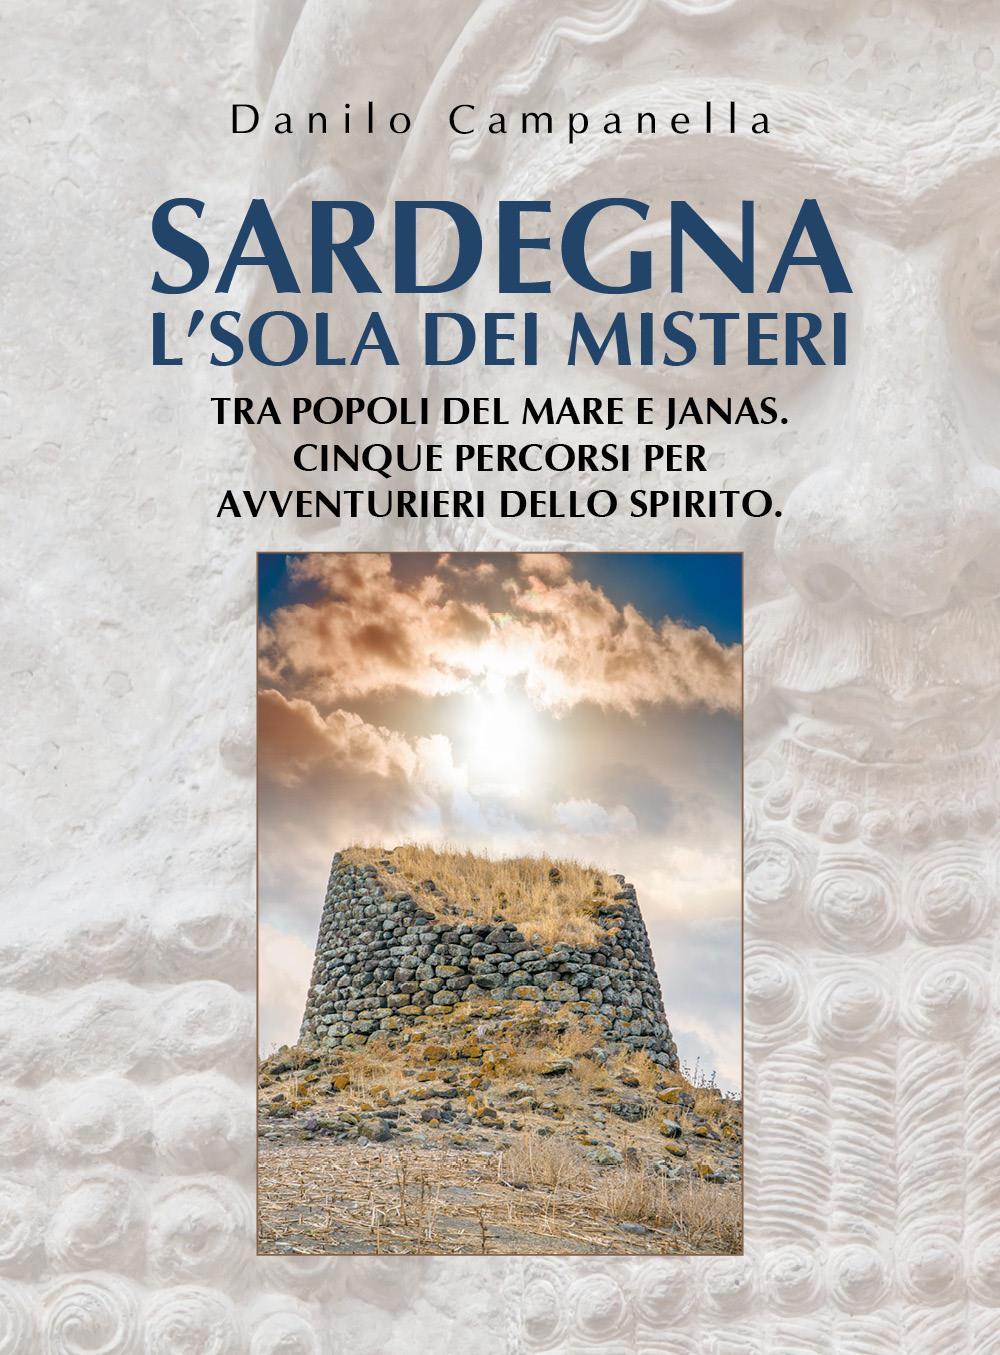 Sardegna. L'sola dei misteri. Tra popoli del mare e janas. Cinque percorsi per avventurieri dello spirito.